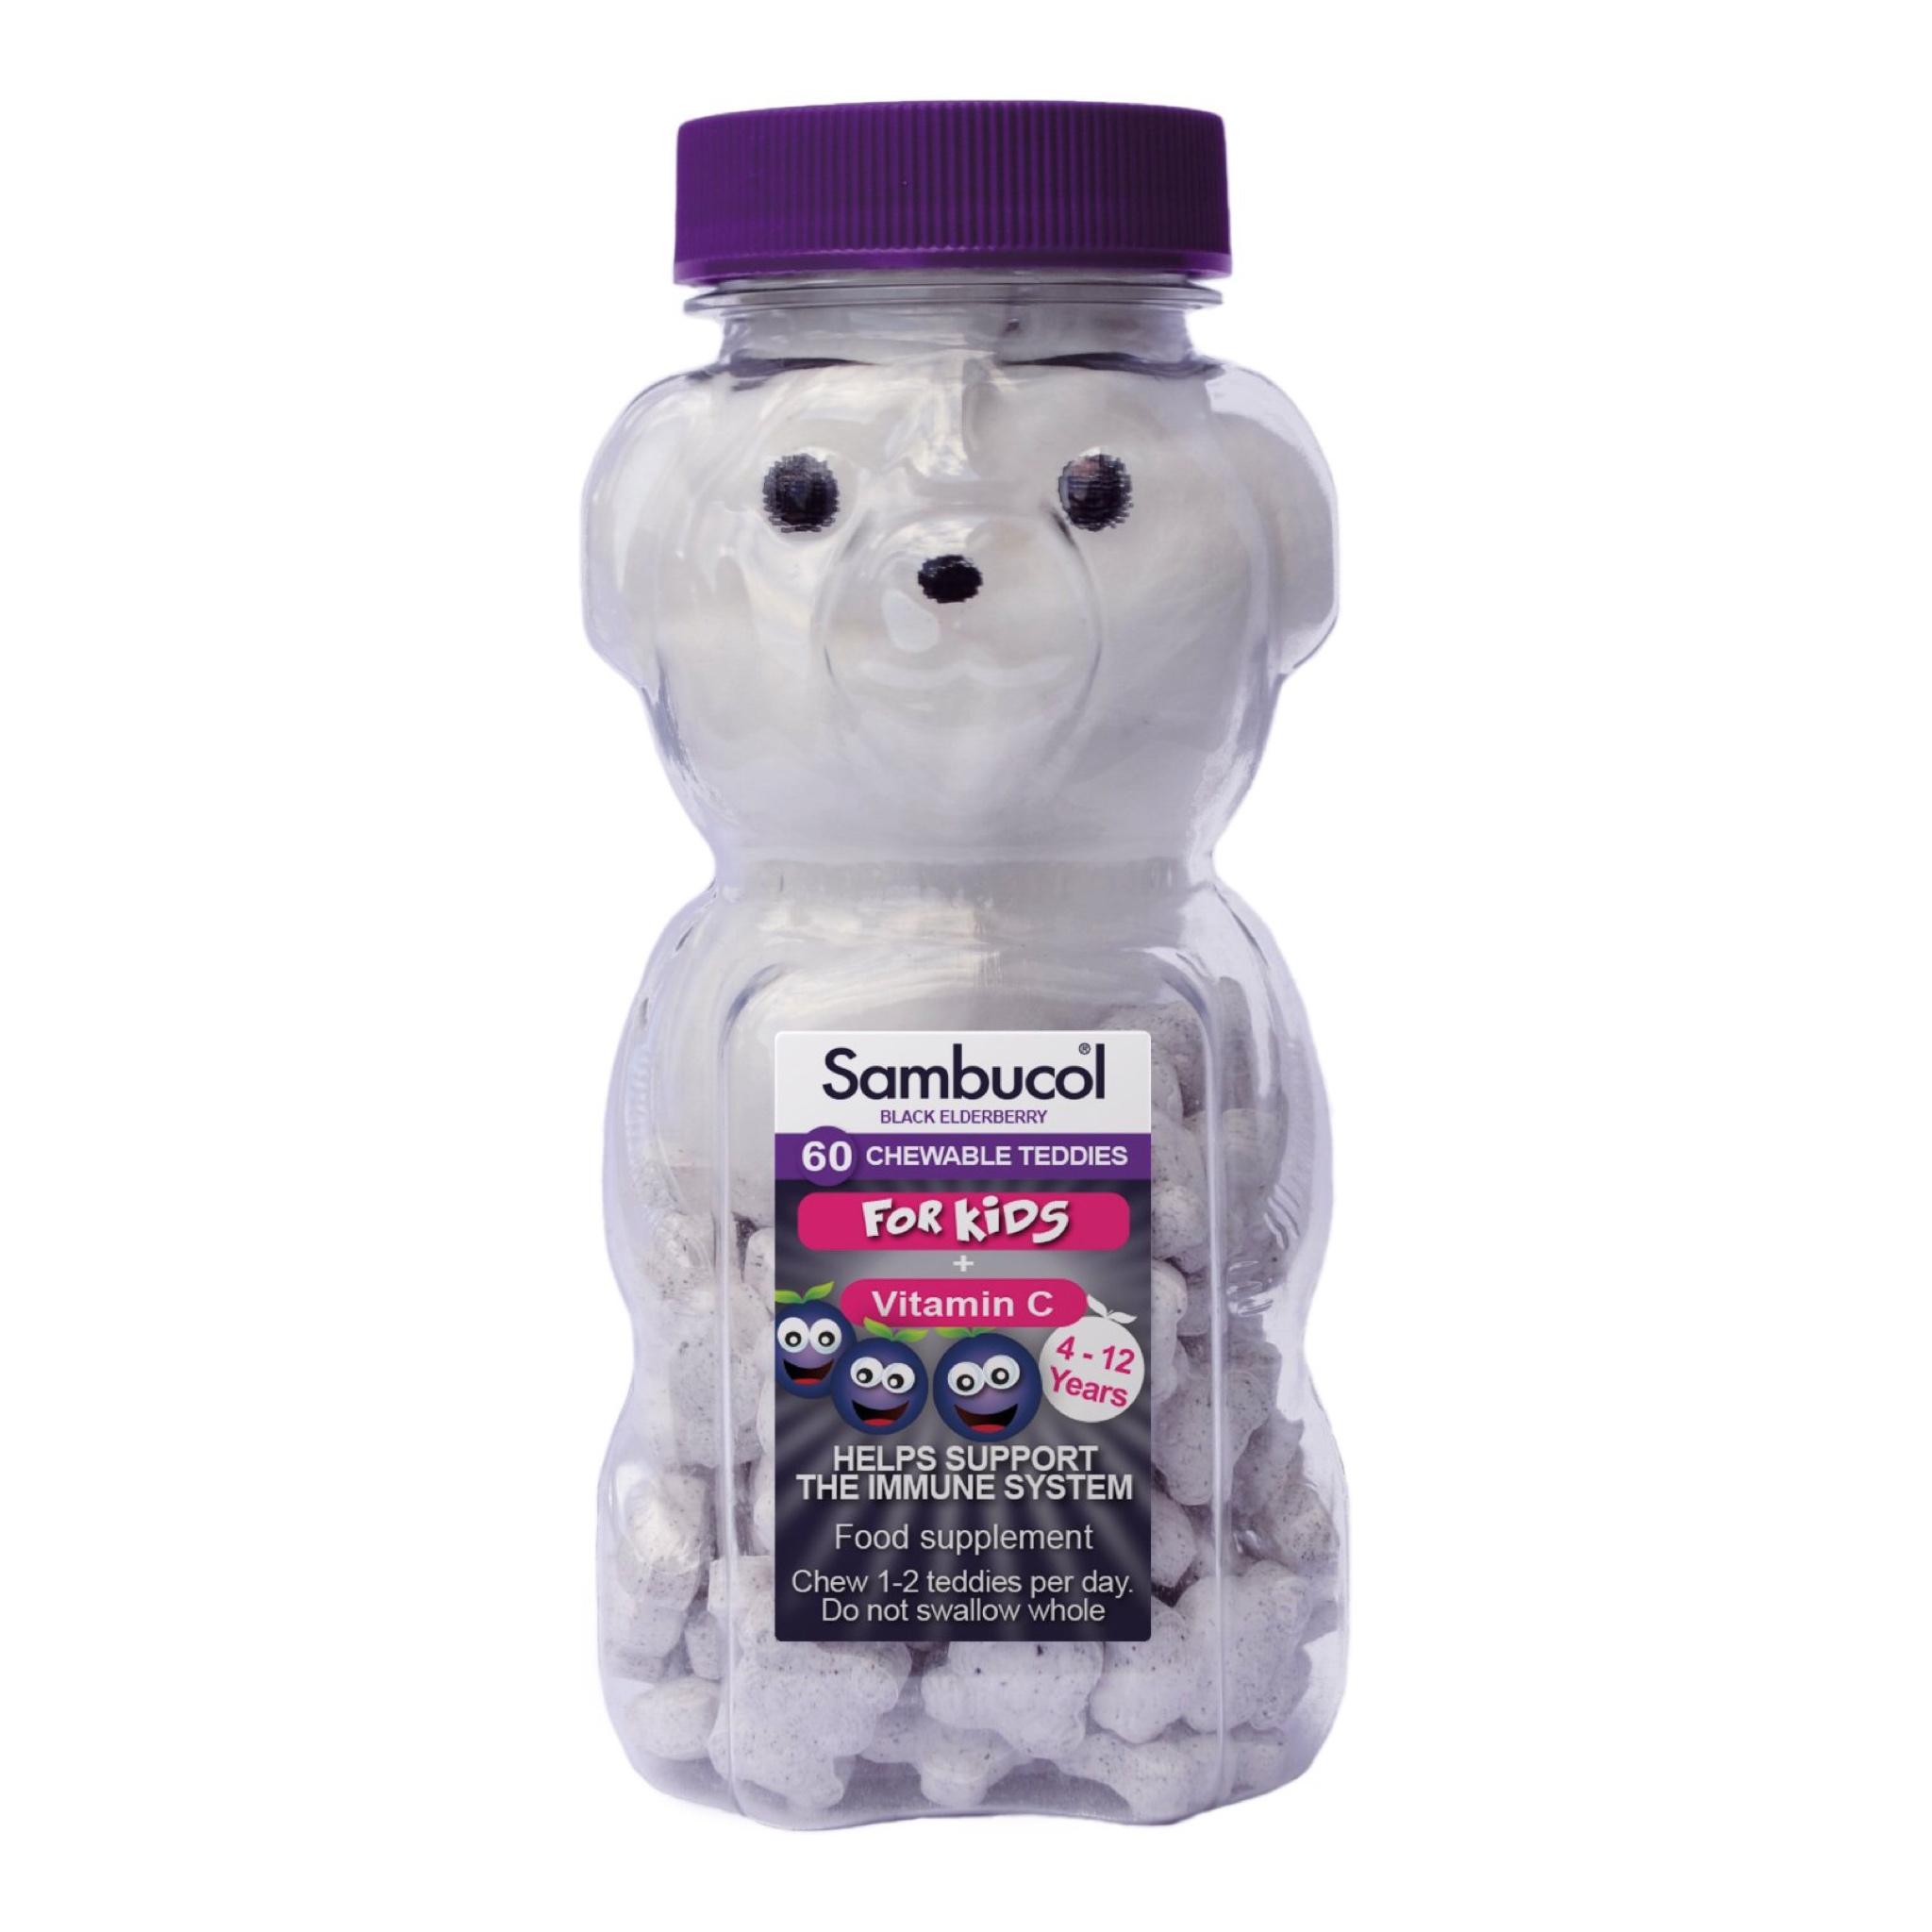 วิตามินเสริมภูมิคุ้มกันเคี้ยวอร่อยสำหรับเด็ก Sambucol Black Elderberry Chewable Teddies for Kids + Vitamin C